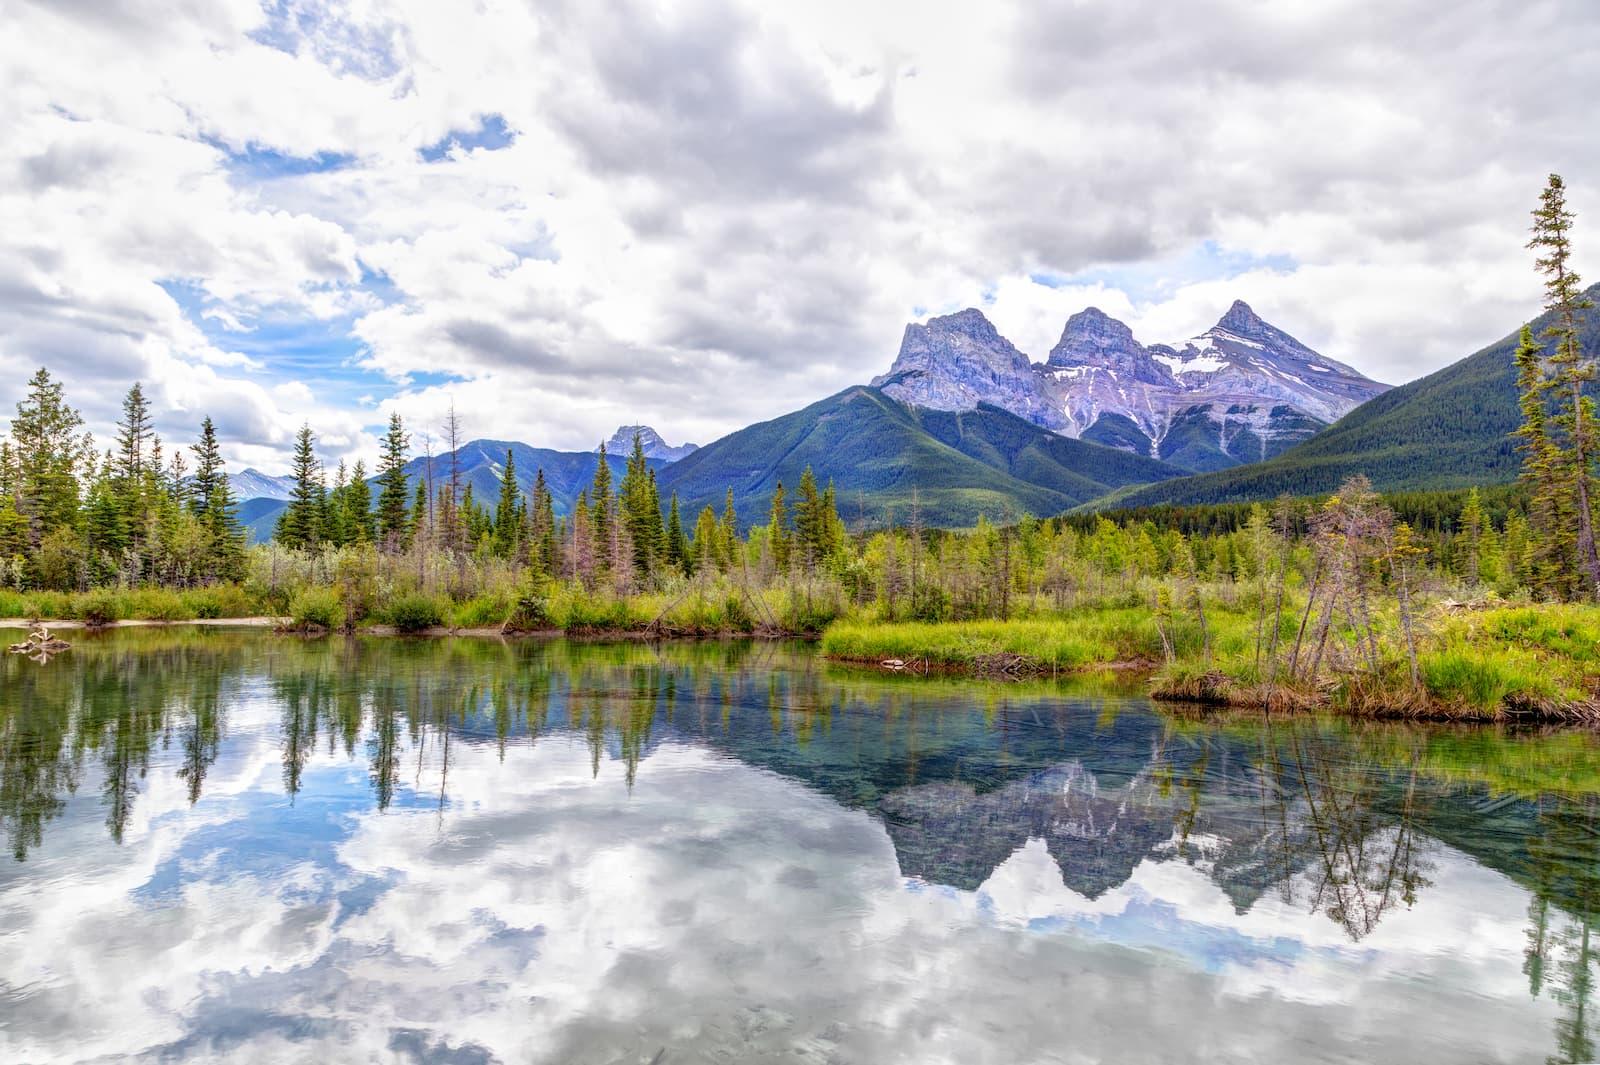 Bow Valley Wildland Provincial Park